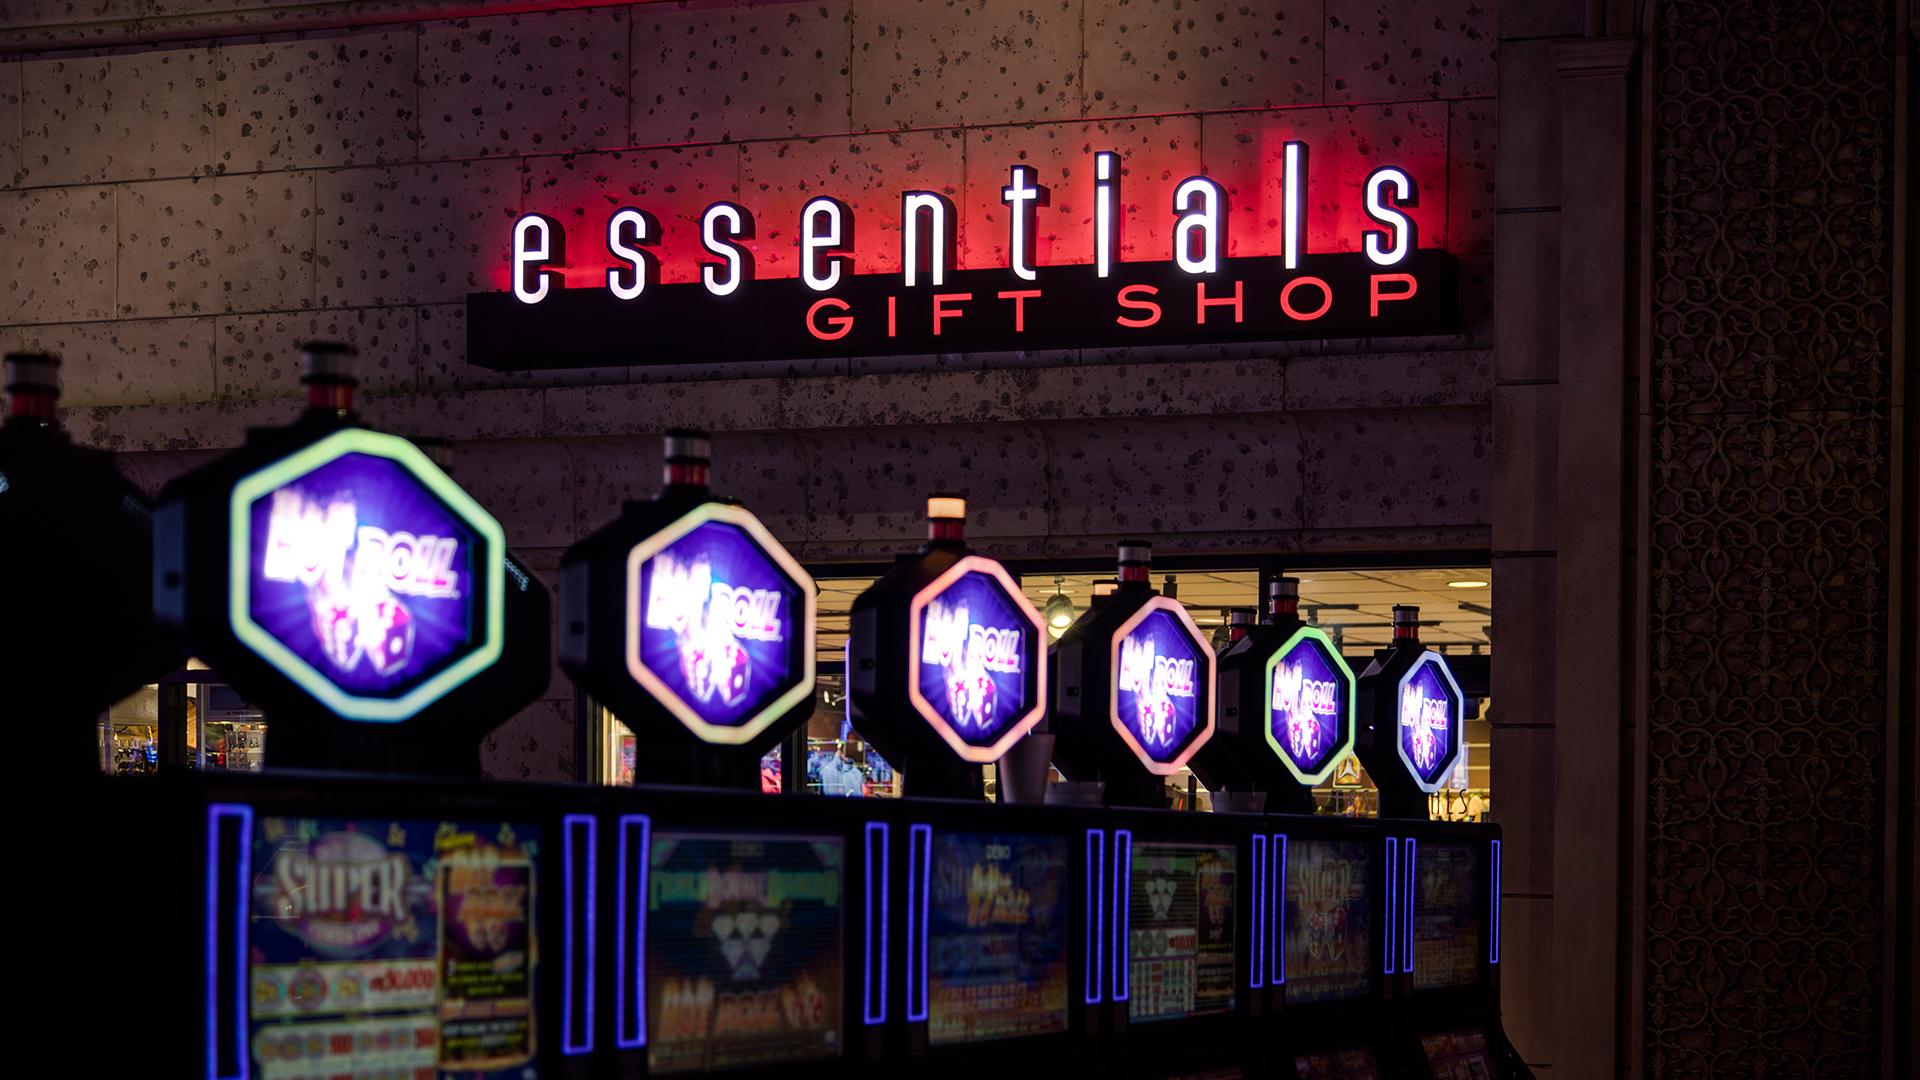 Essentials Gift Shop